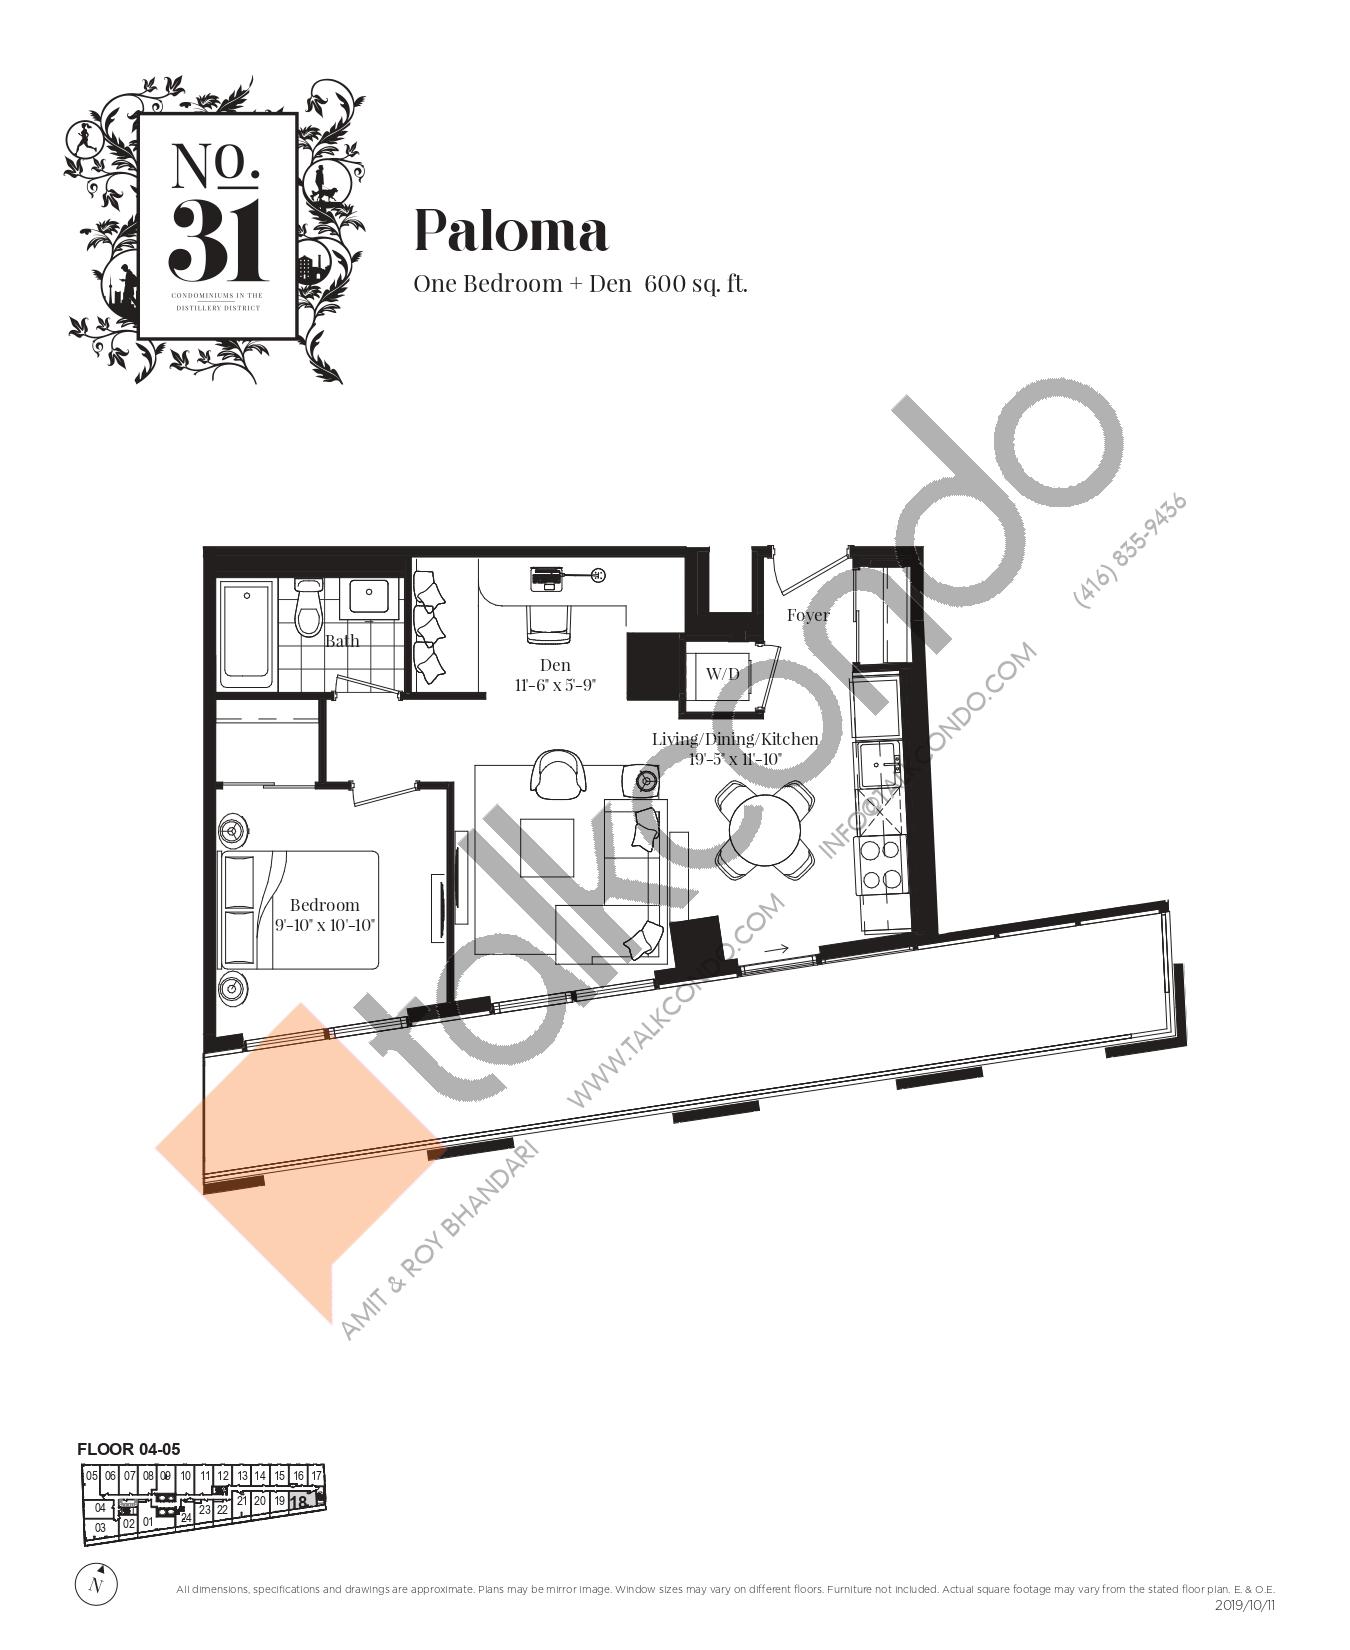 Paloma Floor Plan at No. 31 Condos - 600 sq.ft